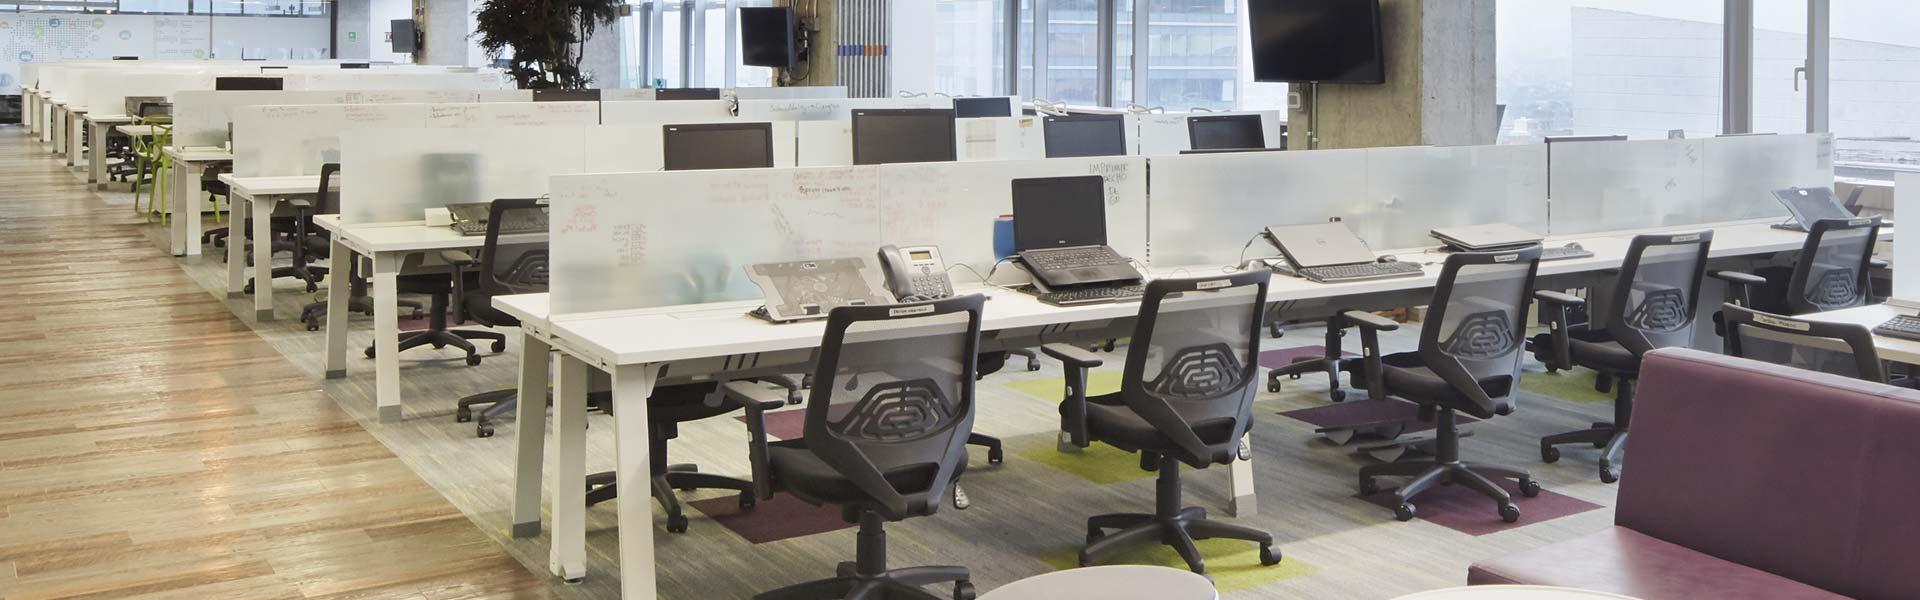 Ducon muebles y mobiliario para oficina divisiones for Tipos de mobiliario de oficina